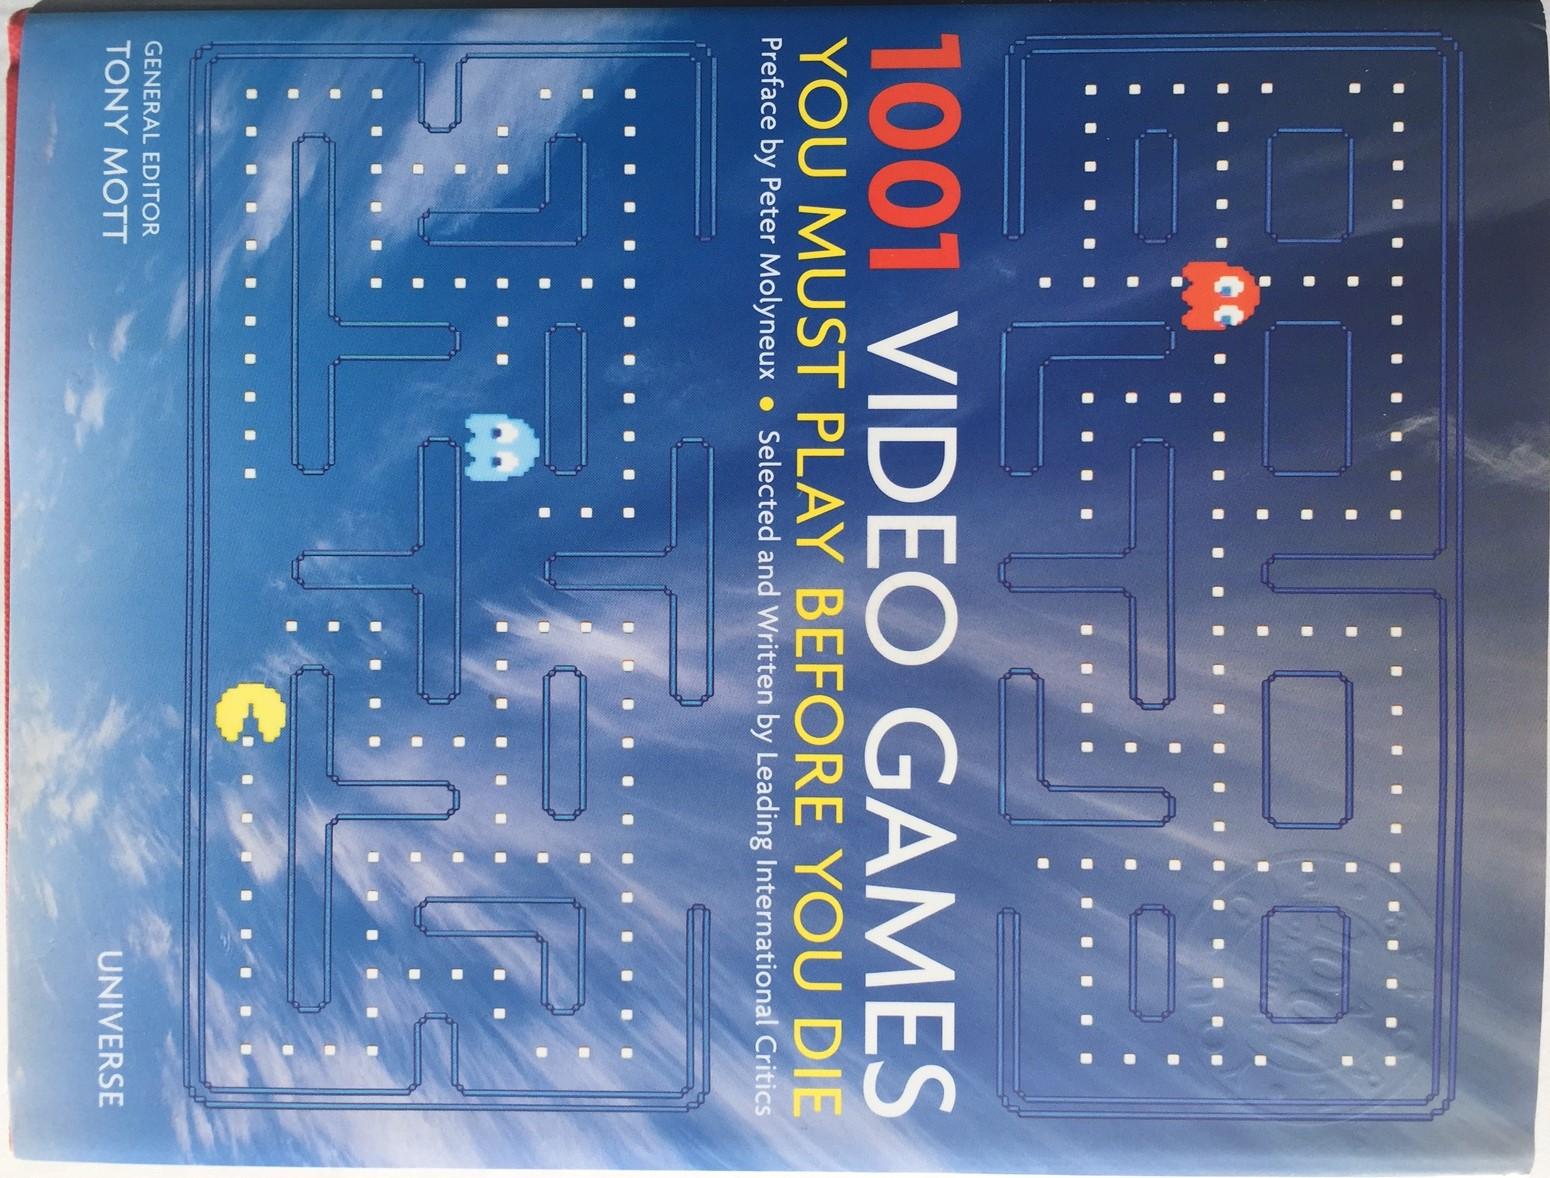 1001 Games To Play Before You Die List bonus material: 1001 video games you must play before you die